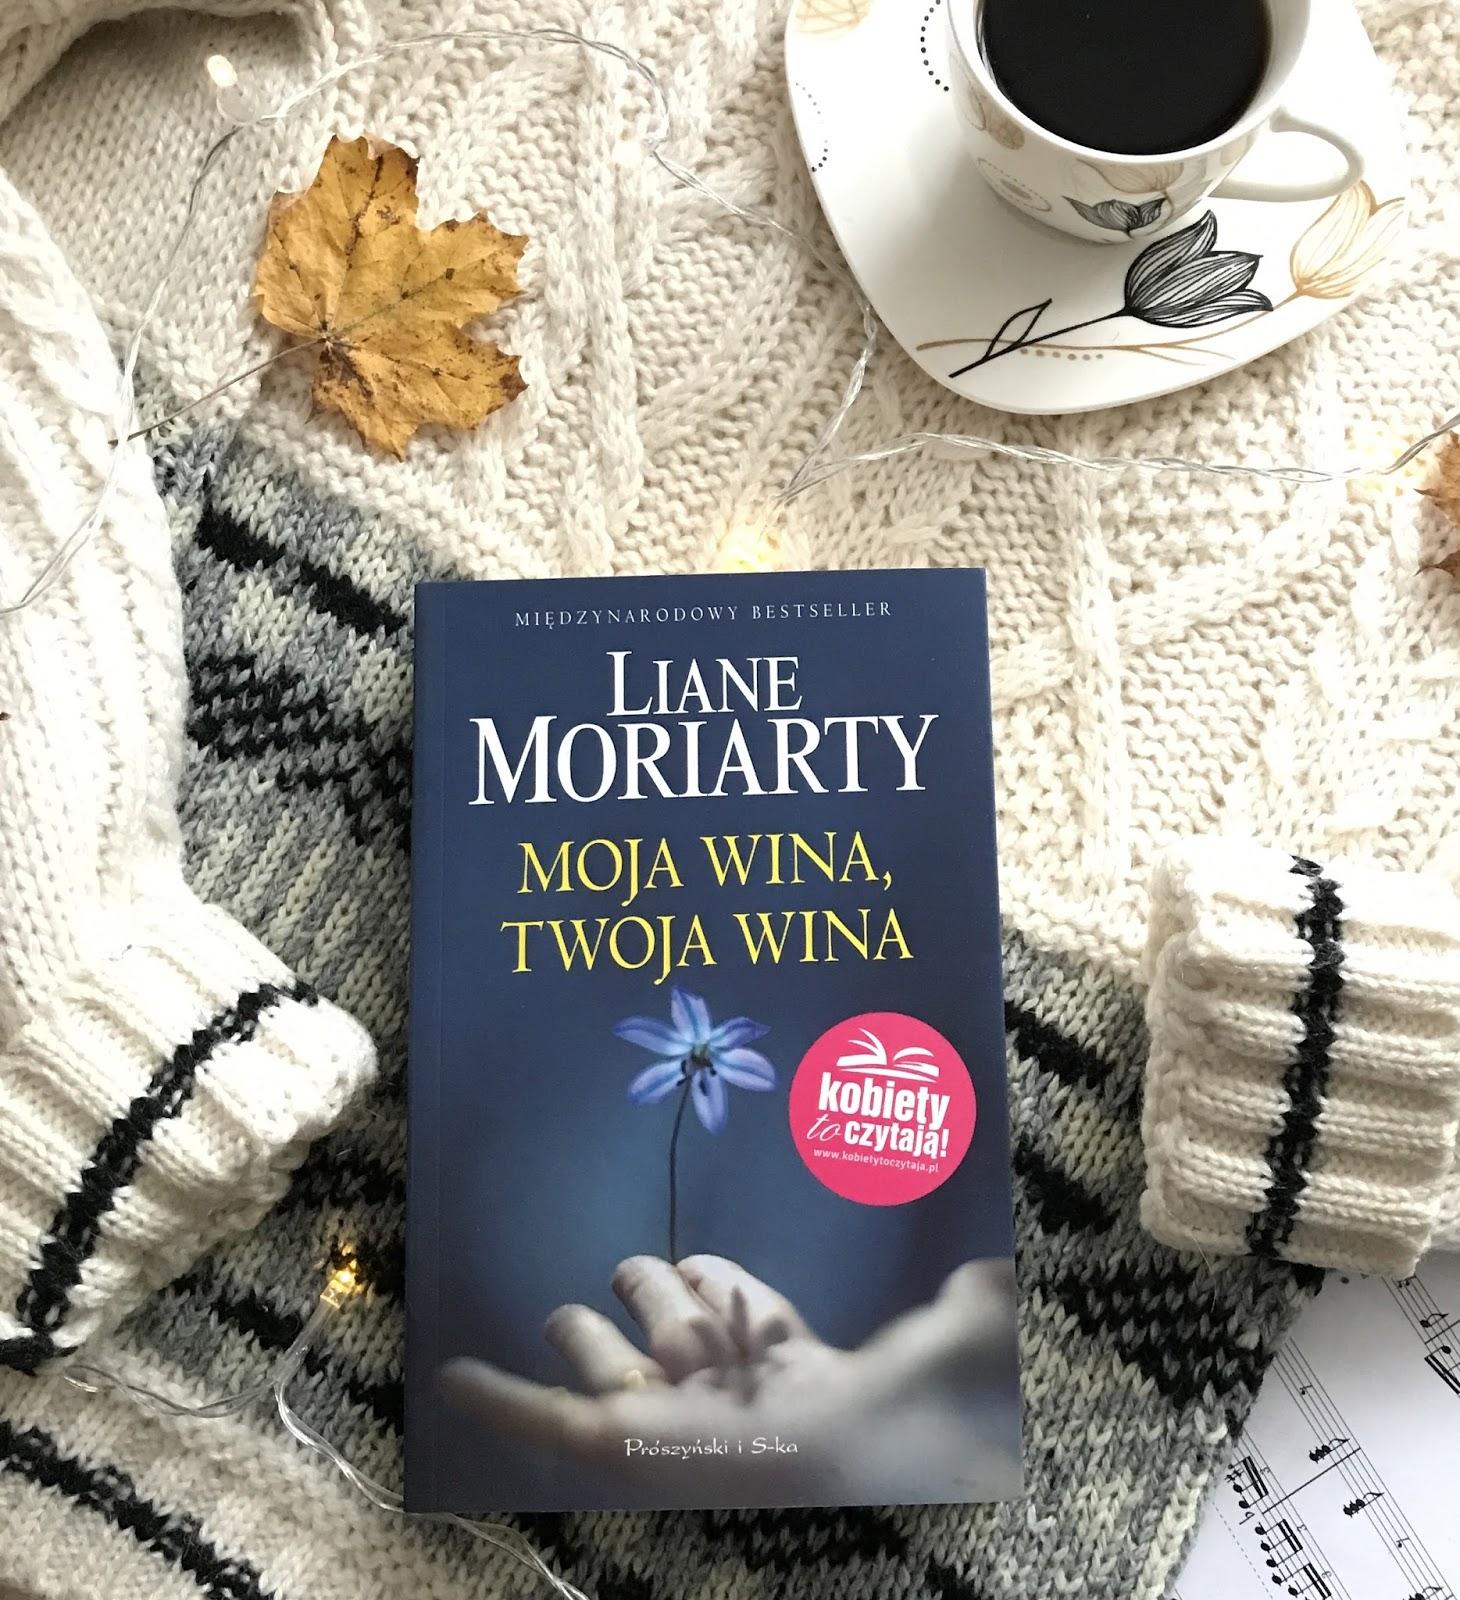 Liane Moriarty, Moja wina, twoja wina